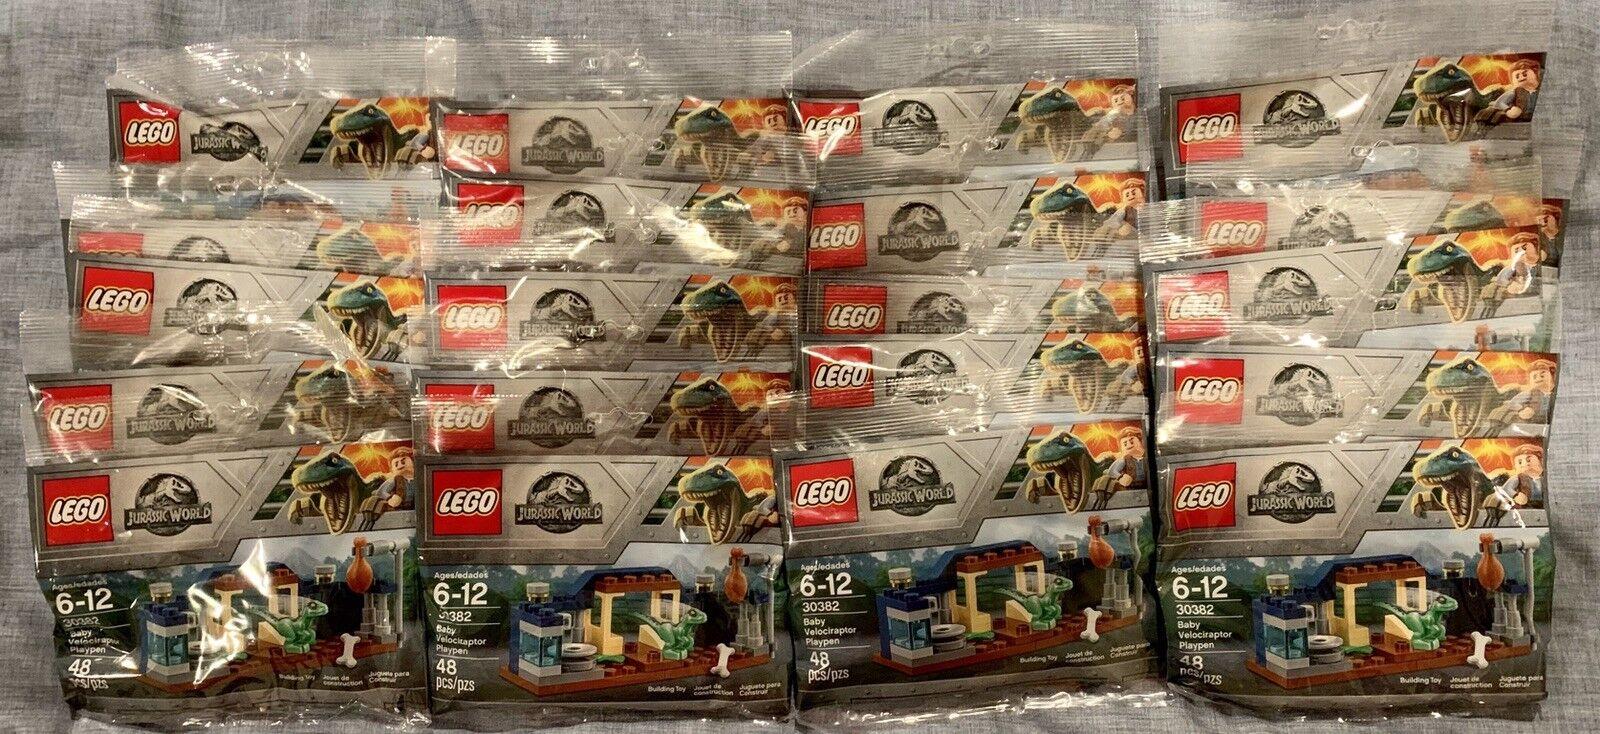 Lego Jurassic World 30382 bébé VELOCIRAPTOR Parc polybag-Lot de 20 jeux NEUF